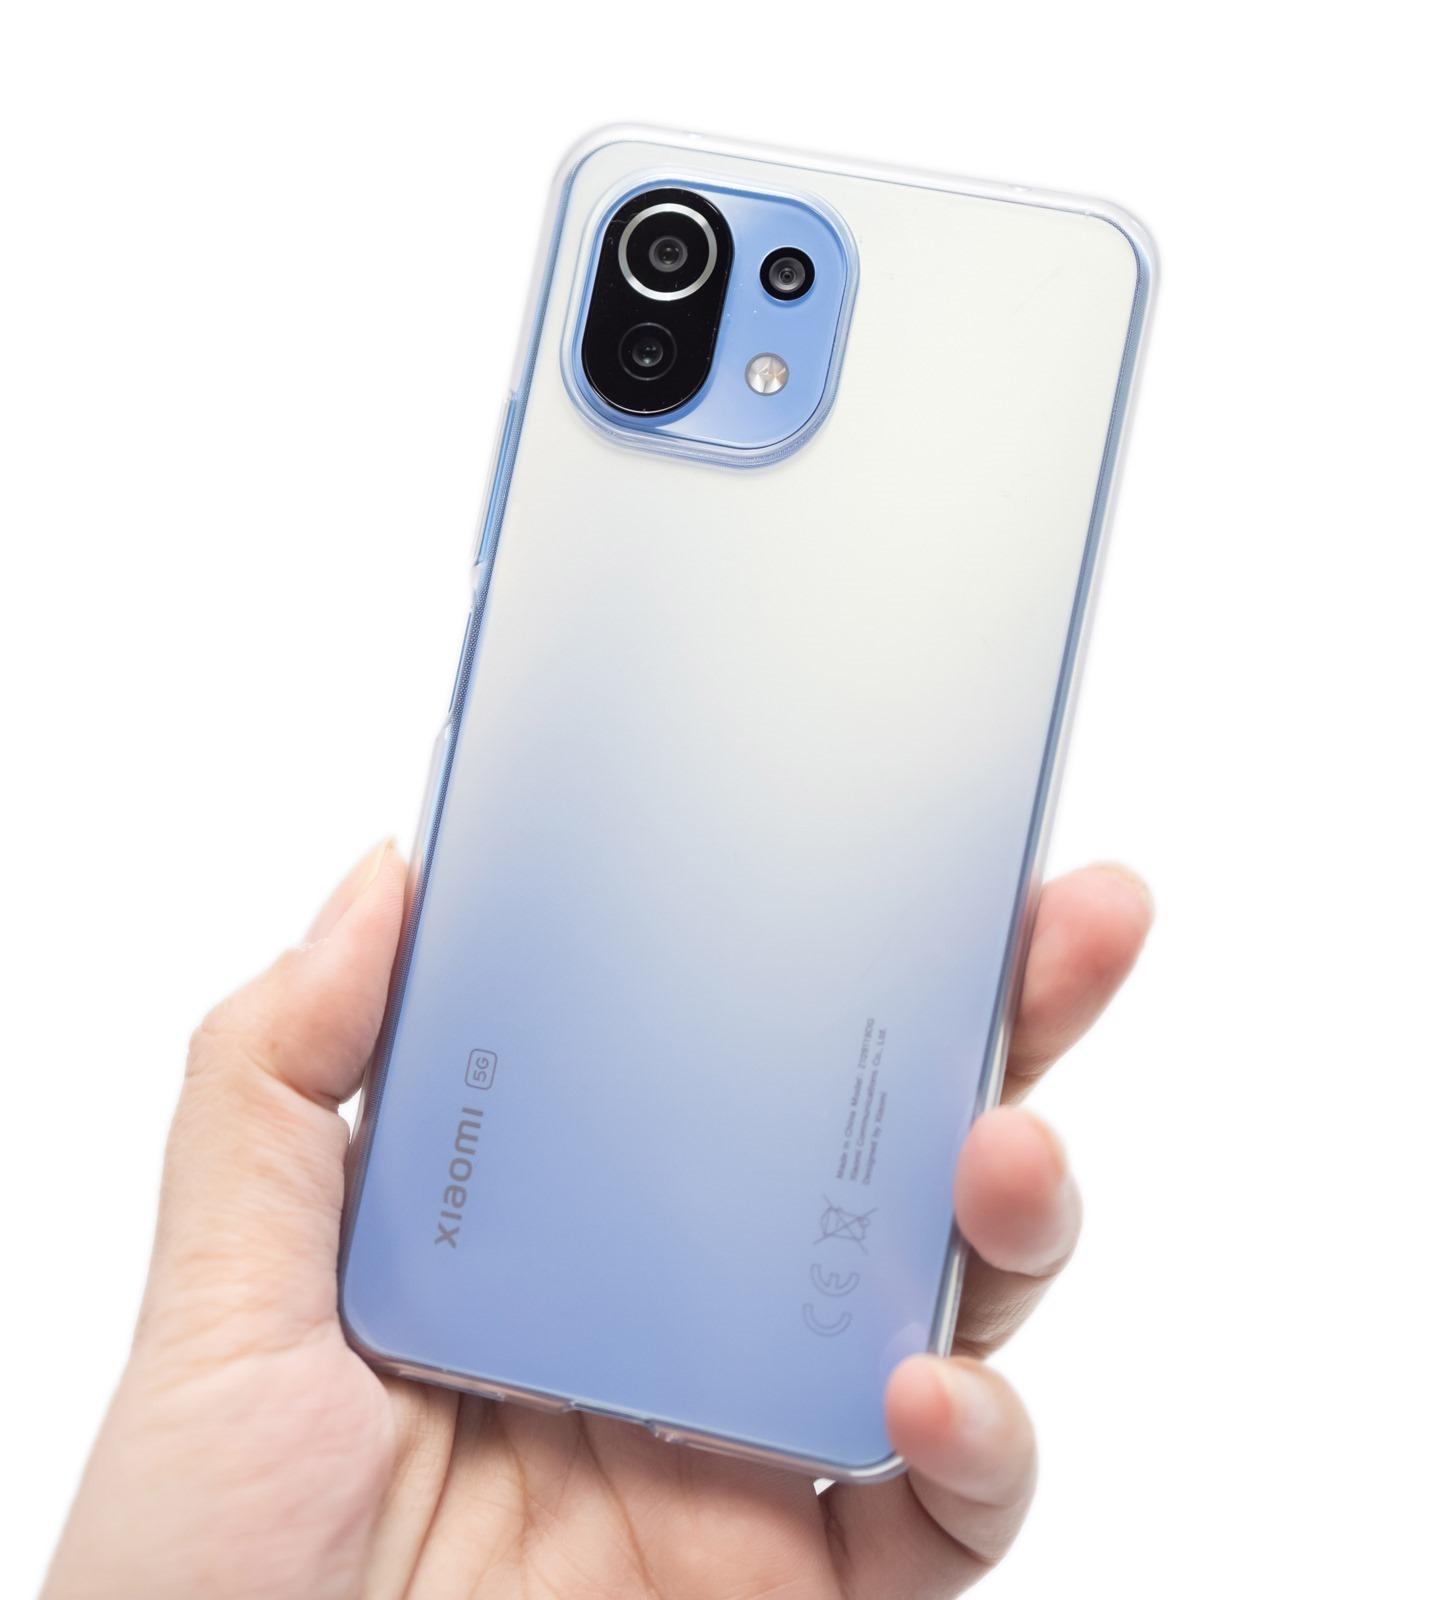 繽紛時尚、輕巧全能好入手!Xiaomi 11 Lite 5G NE 開箱實測分享 @3C 達人廖阿輝